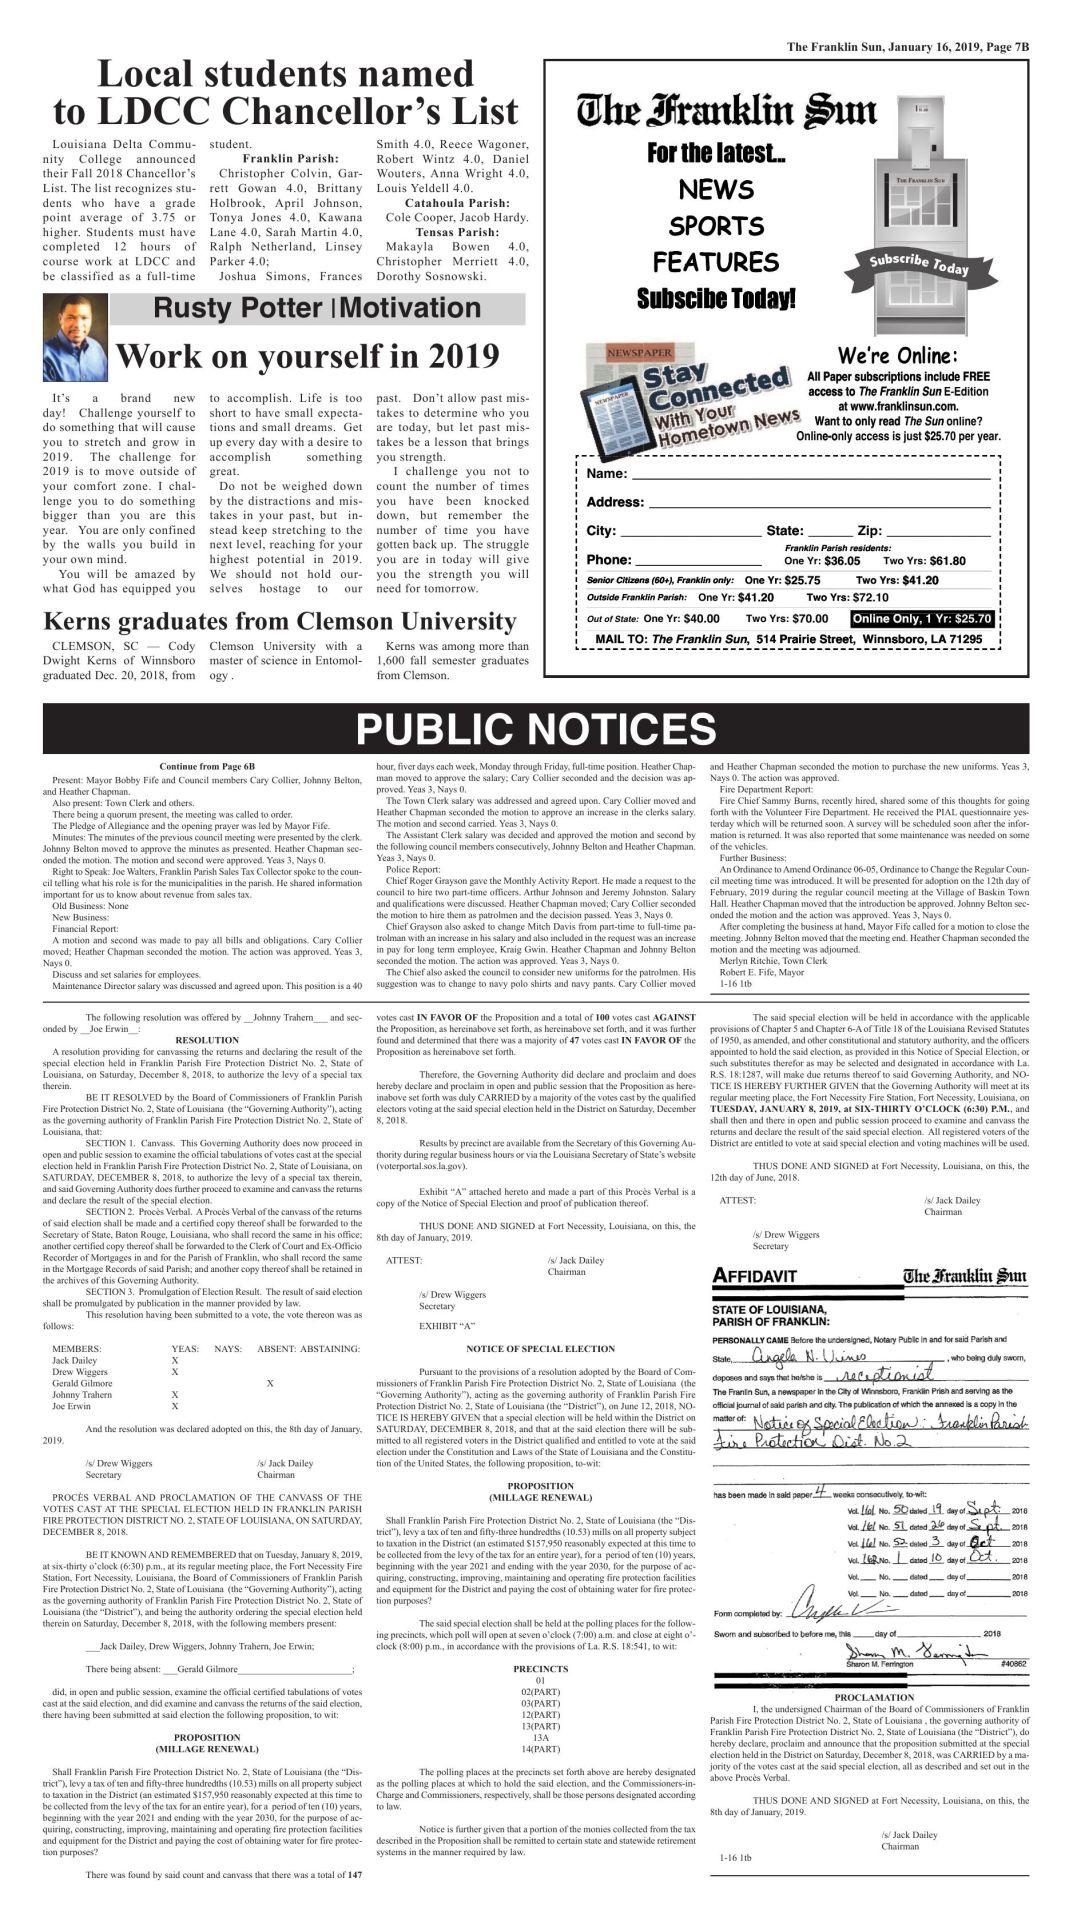 PUBLIC NOTICE 1-16